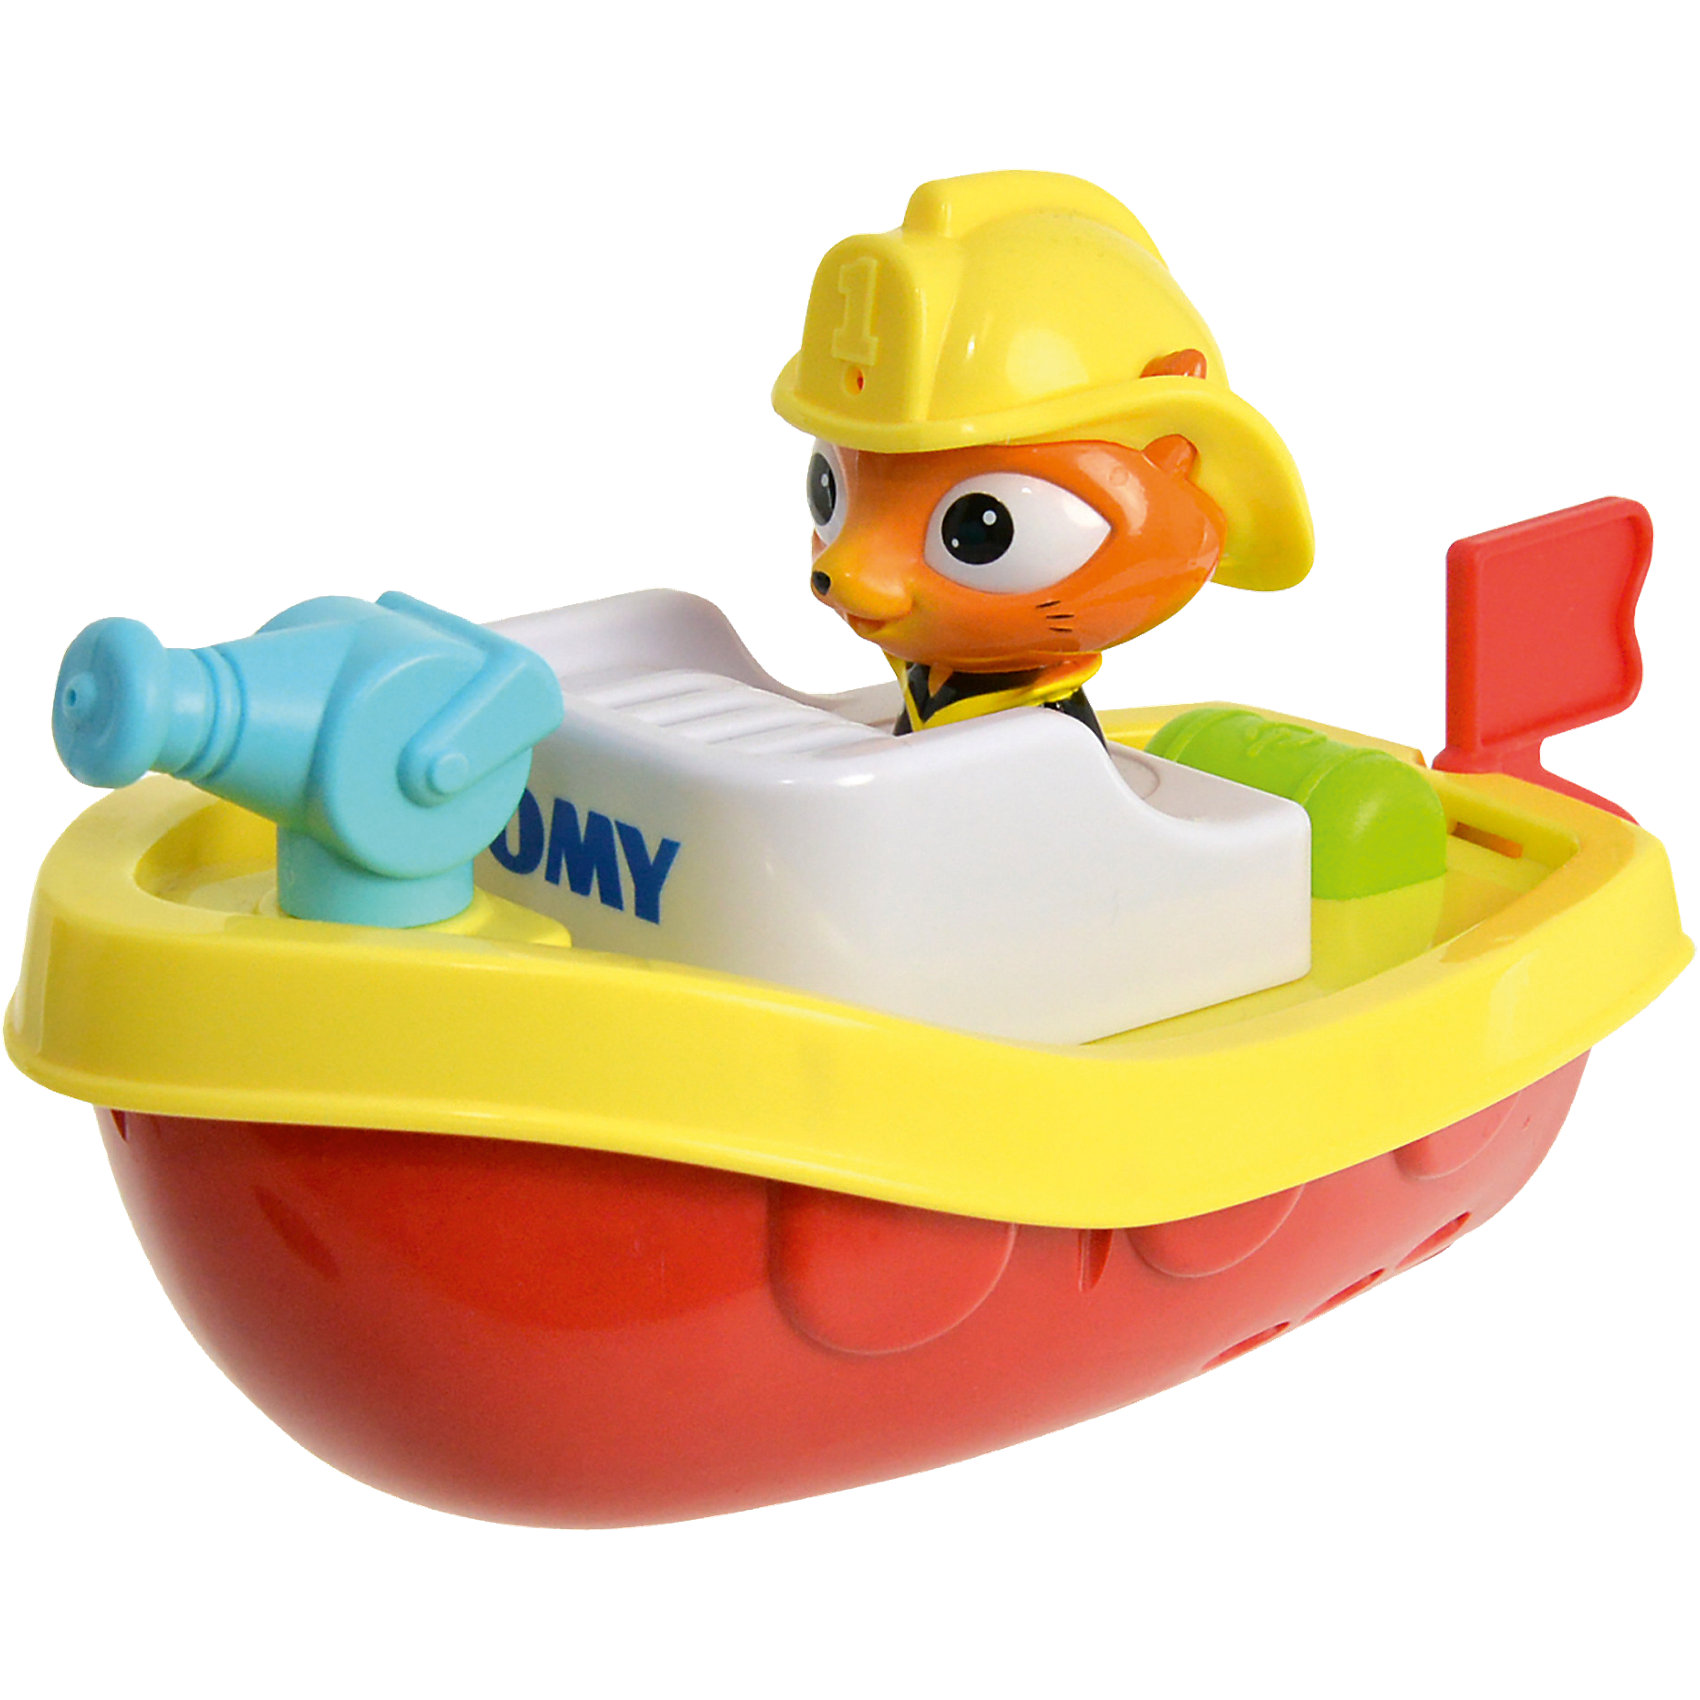 Пожарный катер на пульте д/у, TOMYХарактеристики пожарного катера на пульте д/у<br><br>- возраст: от 12 месяцев<br>- пол: для мальчиков и девочек<br>- комплект: катер, пульт управления.<br>- наличие батареек: входят в комплект.<br>- тип батареек: 3 х AAA / LR0.3 1.5V (мизинчиковые).<br>- материал: пластик, металл.<br>- размер упаковки: 21 * 29 * 13 см.<br>- упаковка: картонная коробка открытого типа.<br>- размер катера: 18 * 18 * 21 см.<br>- страна обладатель бренда: Великобритания.<br><br>Капитан Кот от компании Tomy - это невероятная игрушка на дистанционном управлении,представляющая из себя пожарный катер, которым управляет симпатичный кот в каске. Игрушка предназначена для игр в воде, пульт водонепроницаем, поэтому можно не опасаться за то, что на него попадет вода. Пожарный катер способен превратить скучное принятие ванной в целое развлечение для ребенка. Помимо того, что катер действительно может плыть по воде, а ребенок может управляет его движением дистанционно, катер еще и может стрелять водой из небольшого водомета.<br><br>Пожарный катер на пульте д/у торговой марки Tomy (Томи) можно купить в нашем интернет-магазине.<br><br>Ширина мм: 313<br>Глубина мм: 215<br>Высота мм: 137<br>Вес г: 529<br>Возраст от месяцев: 10<br>Возраст до месяцев: 36<br>Пол: Унисекс<br>Возраст: Детский<br>SKU: 4599022